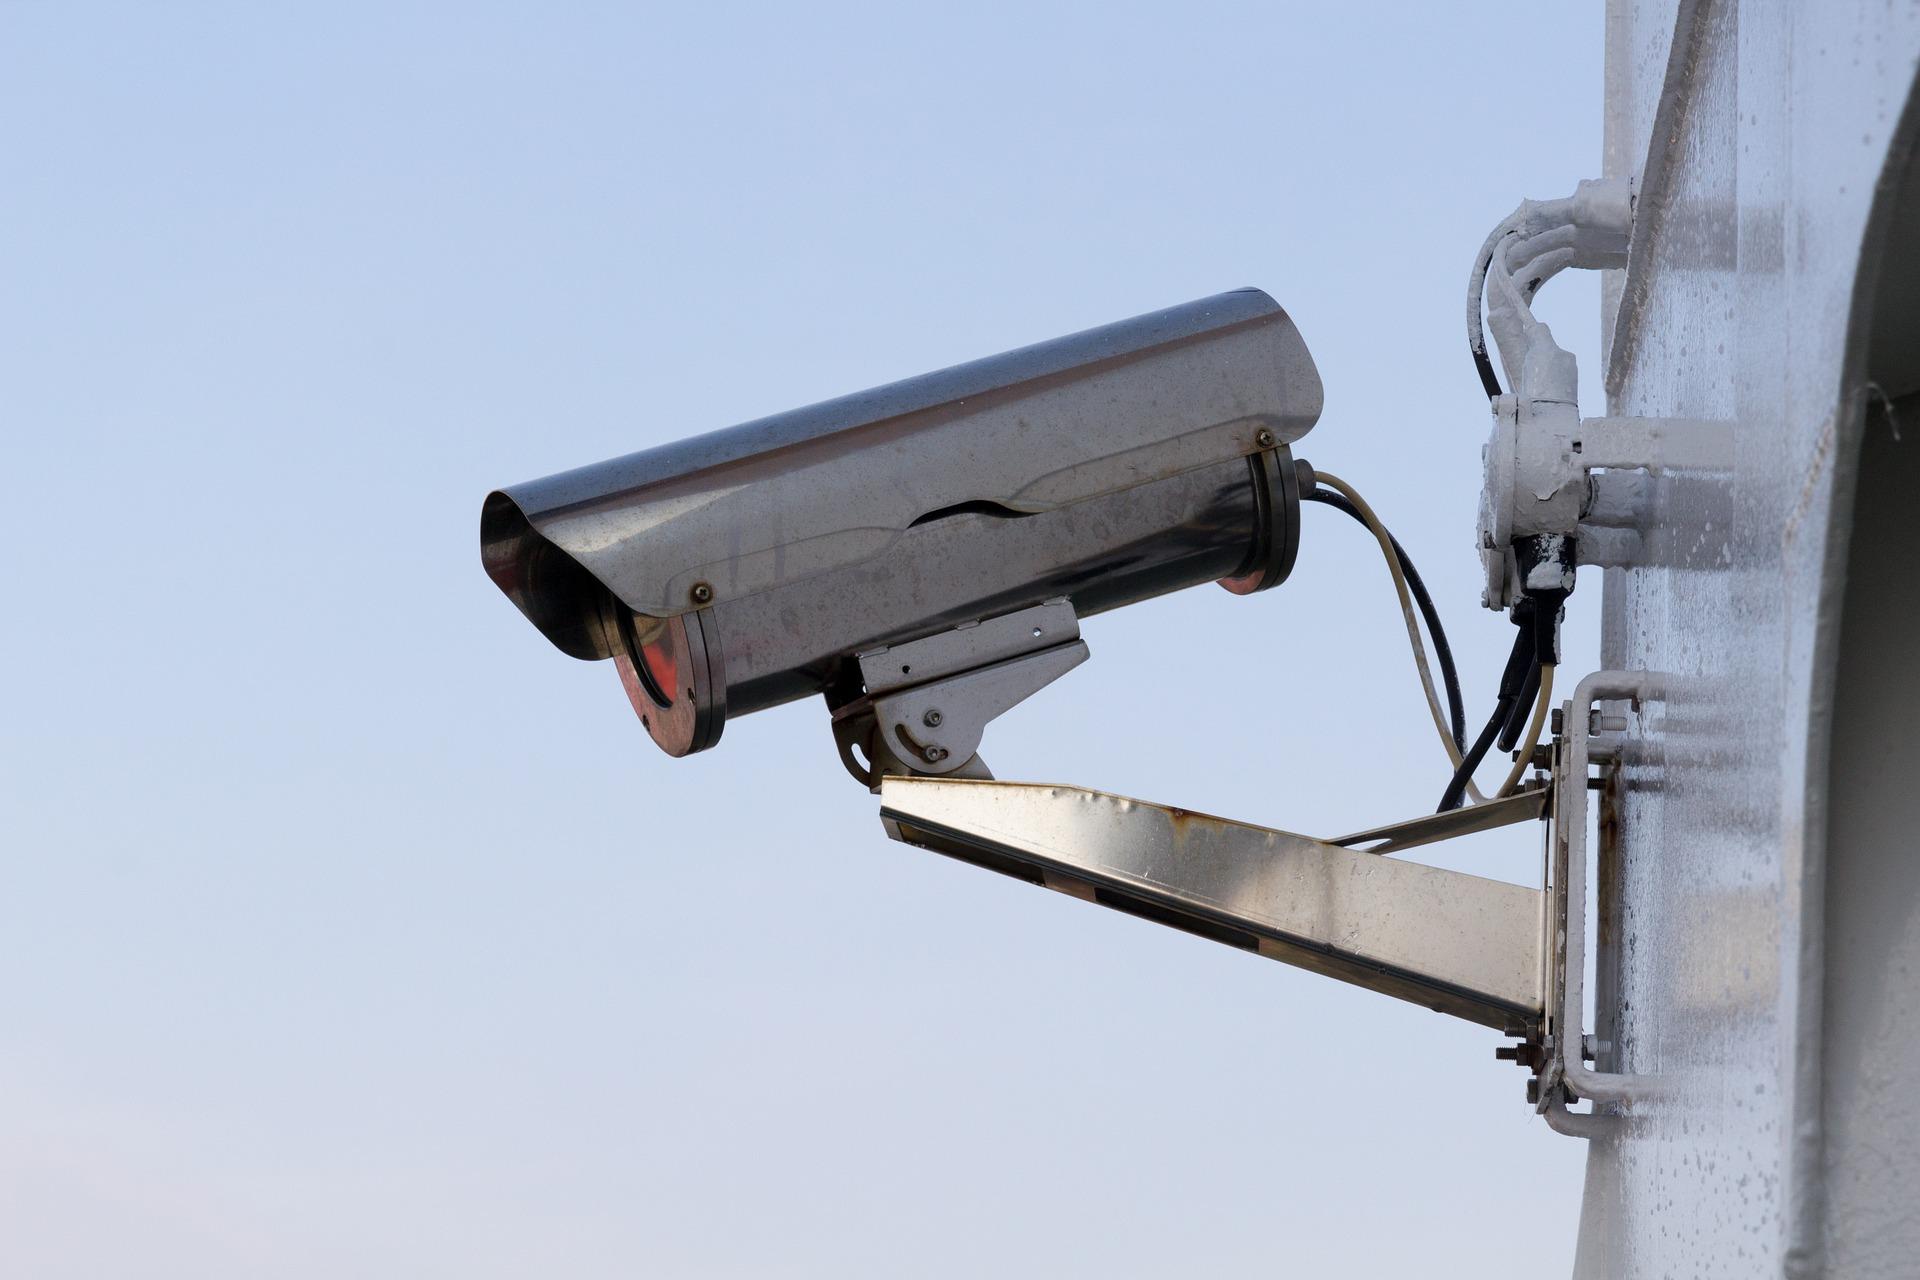 Videoüberwachung nach BDSG verfassungswidrig